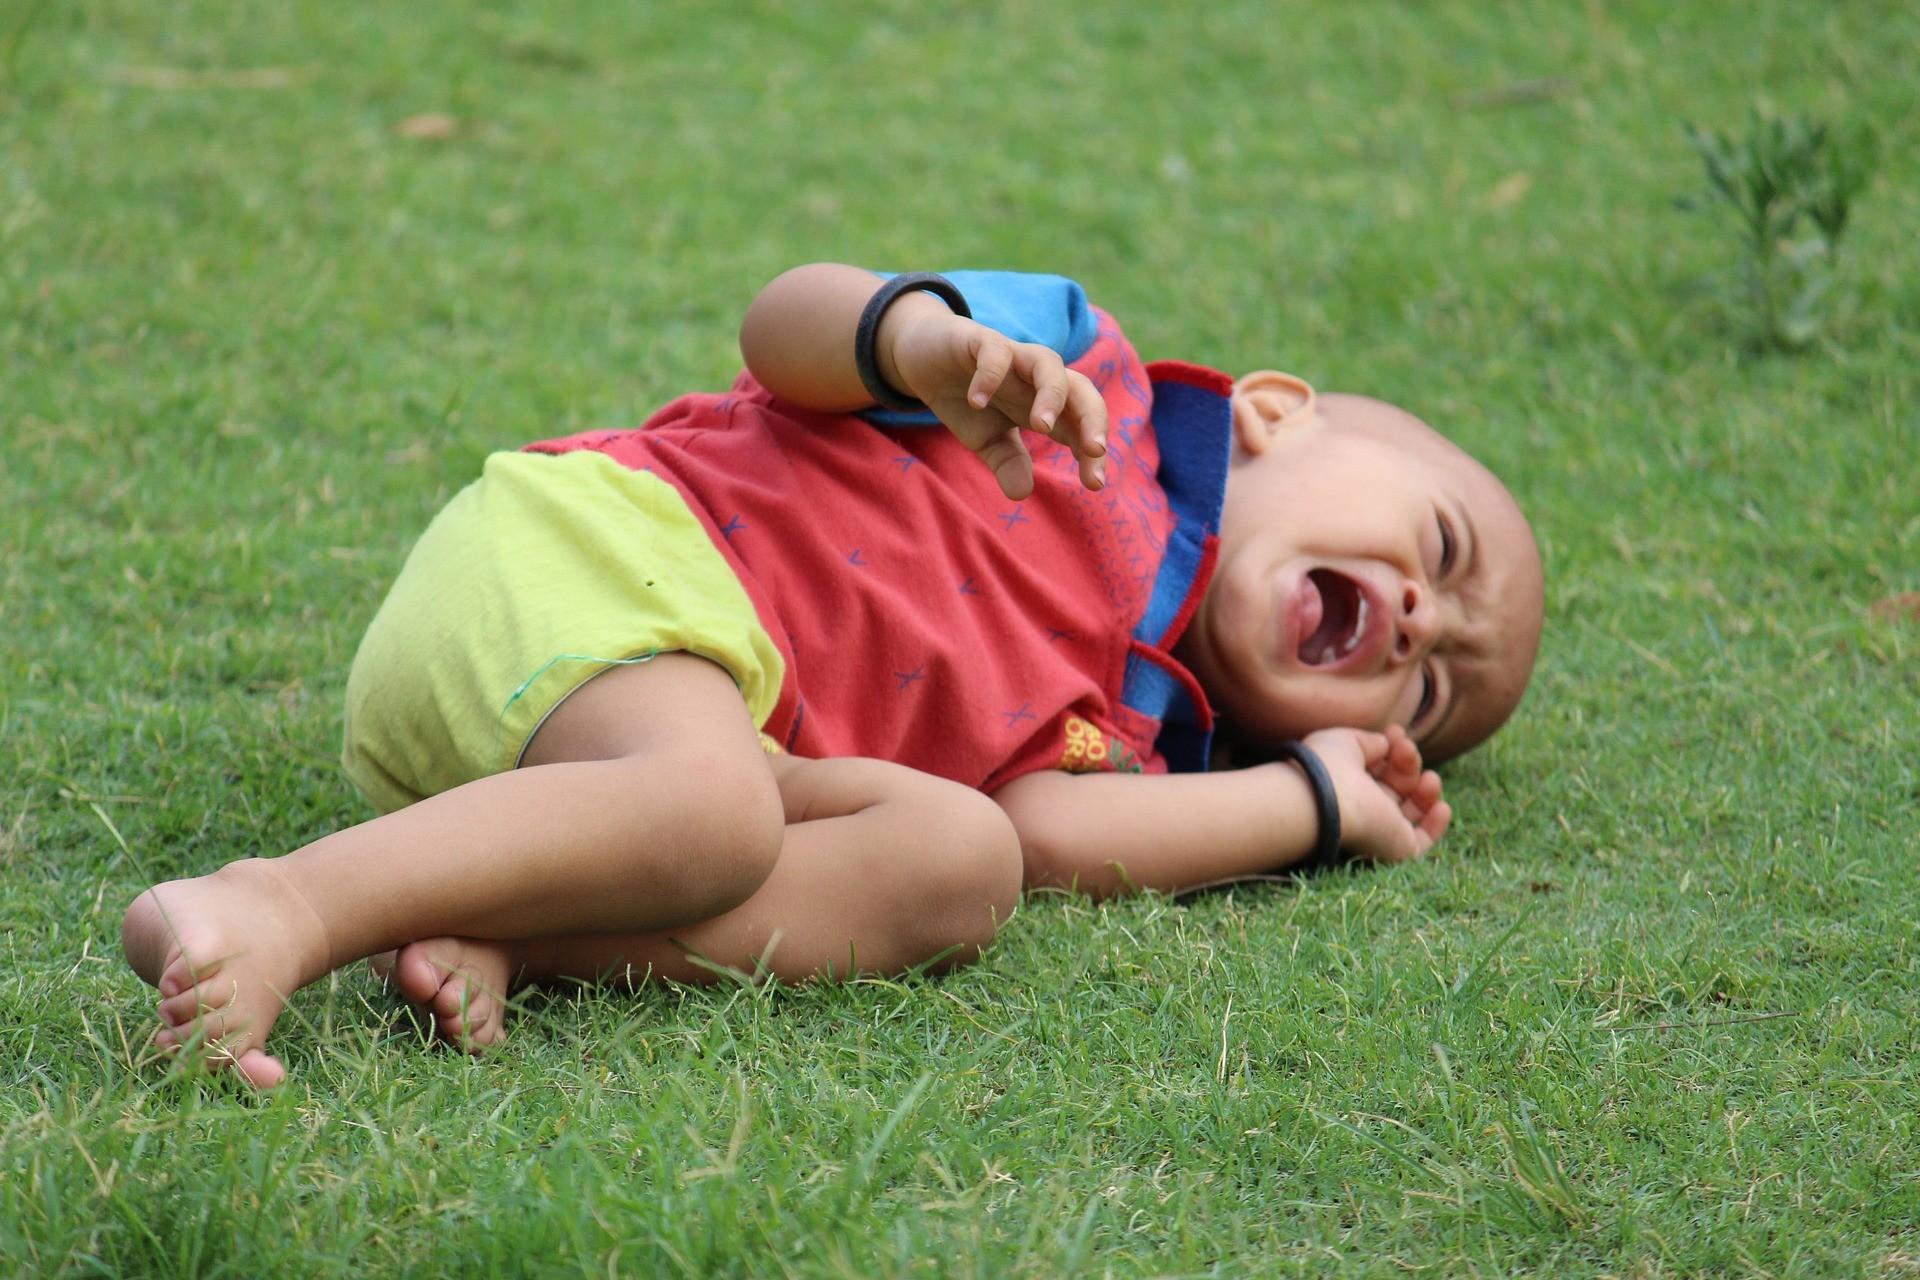 ▲▼小孩哭鬧玩手機。(示意圖/取自免費圖庫Pixabay)